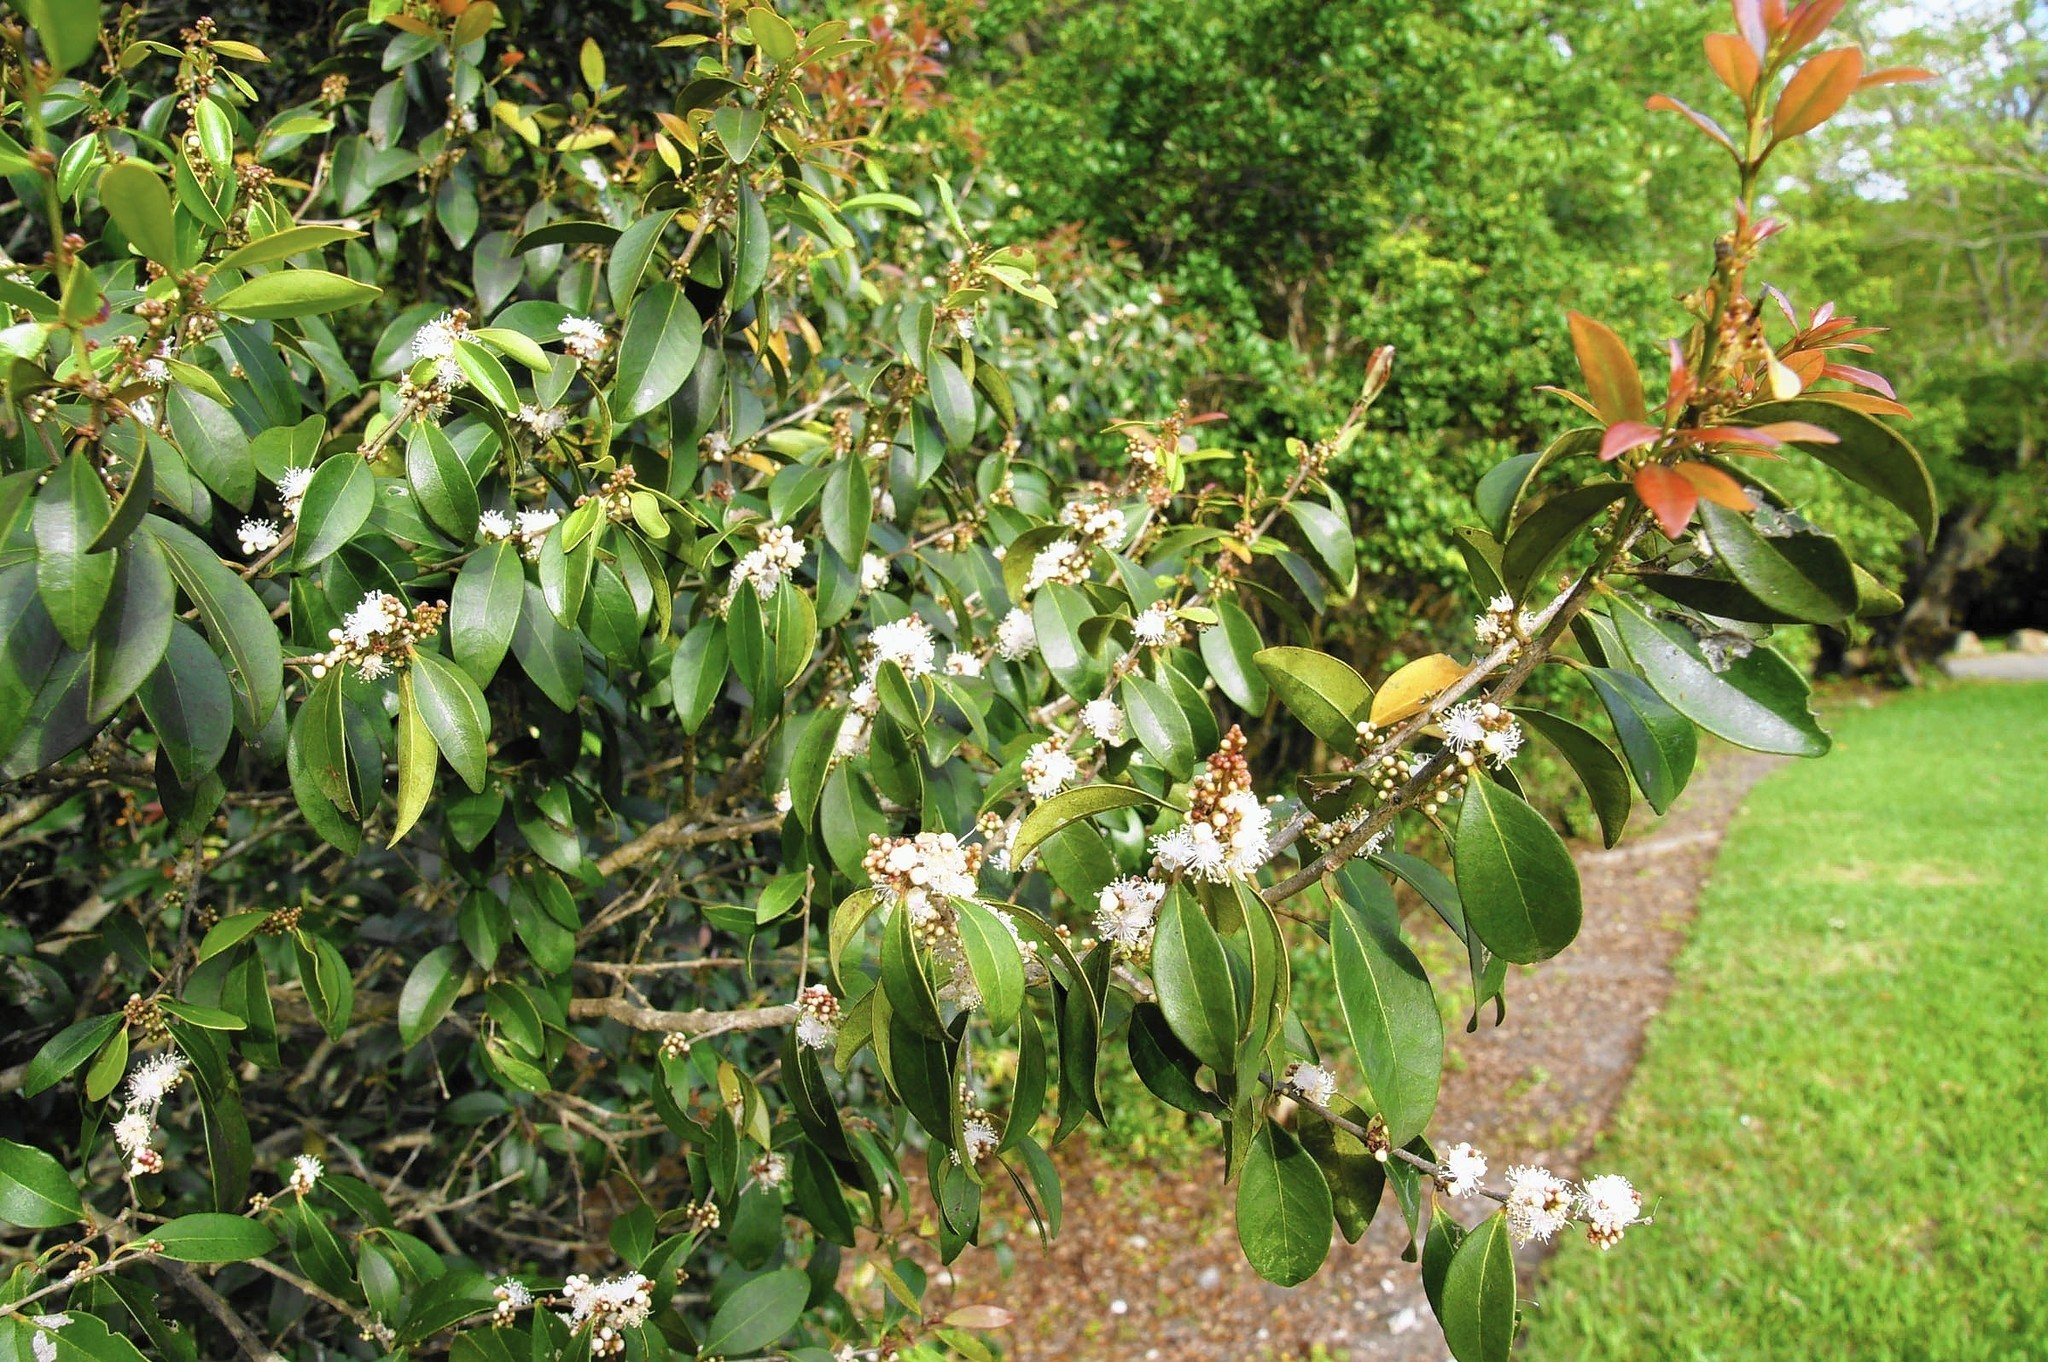 Fairchild 39 s tropical garden column small trees for small for Trees for small places